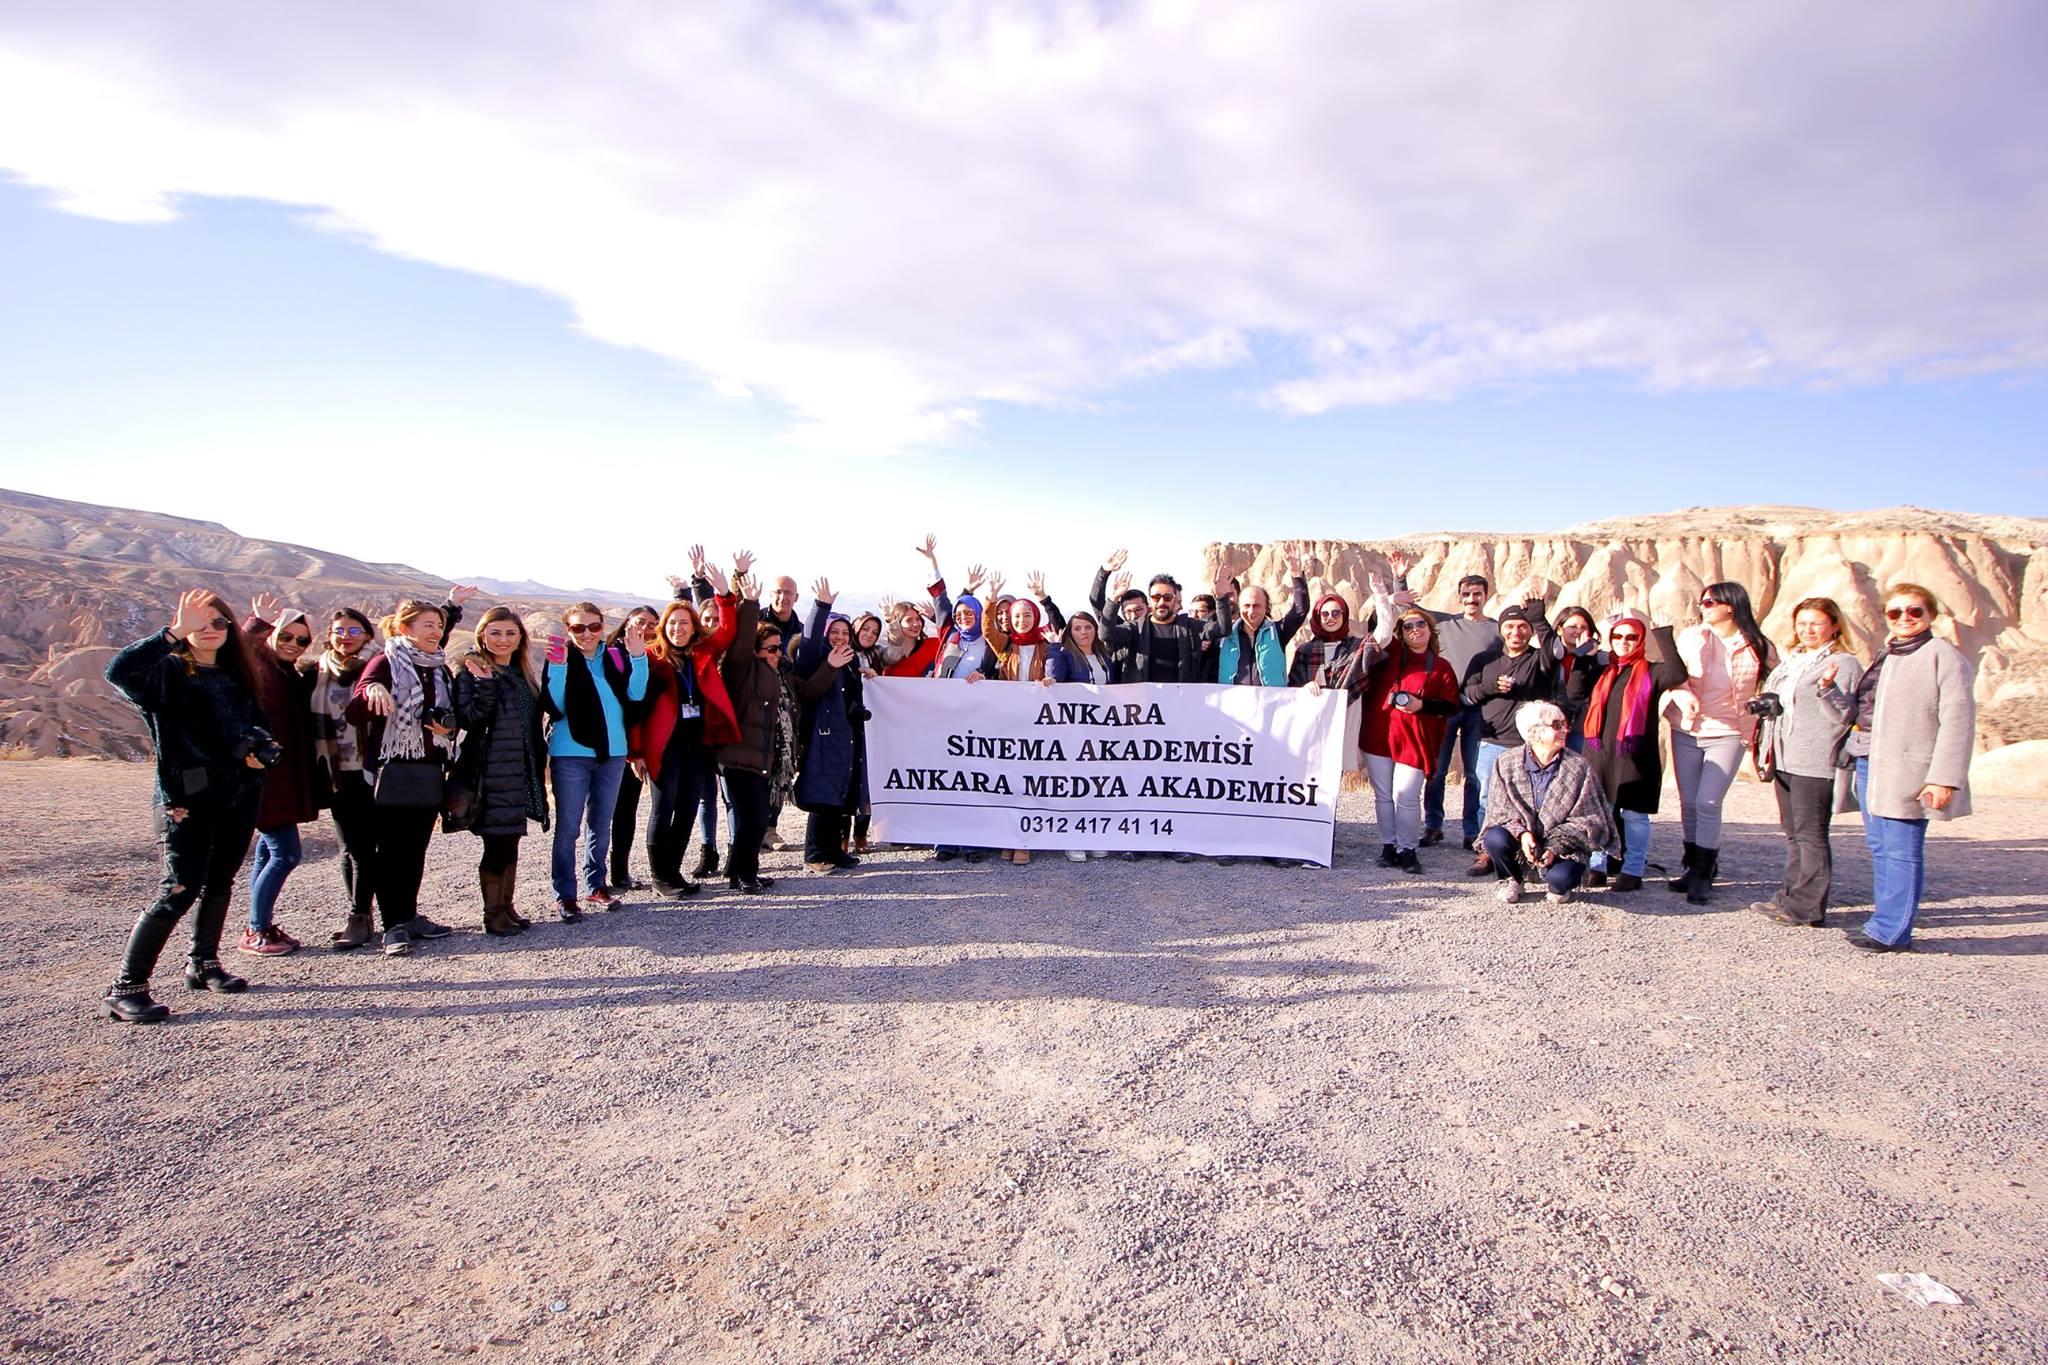 Ankara Medya Akademisi Fotoğrafçılık Kursu Oyunculuk Kursu